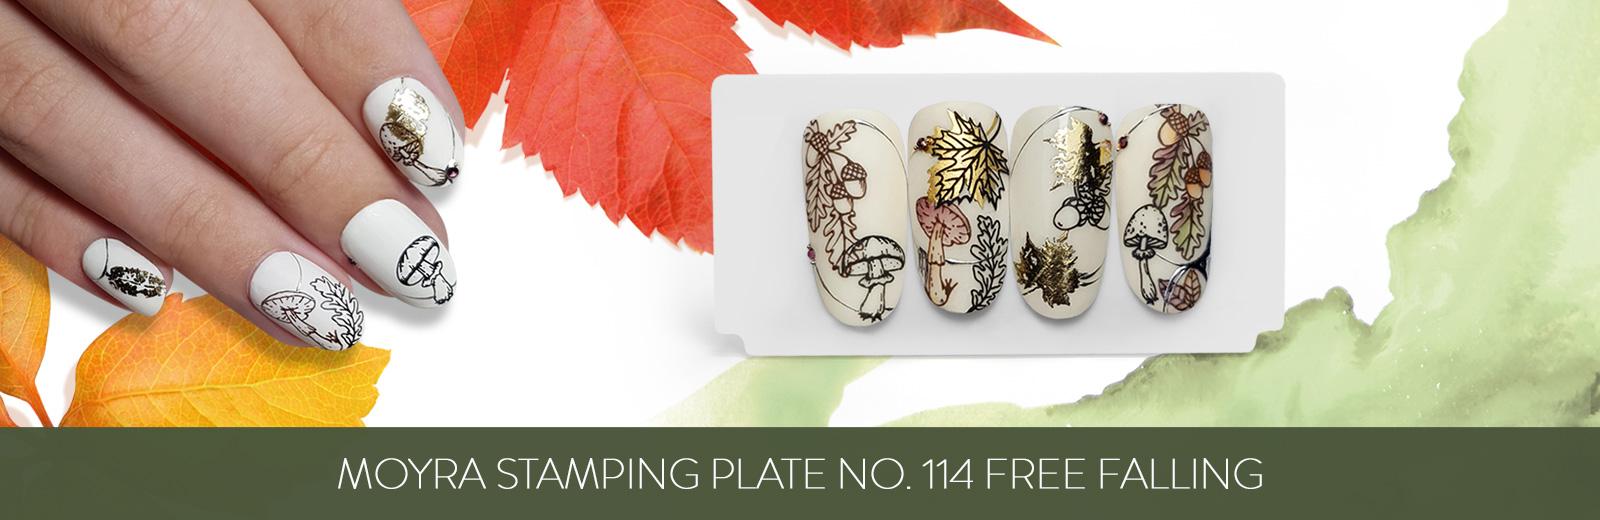 Moyra stamping plate 114 Free falling